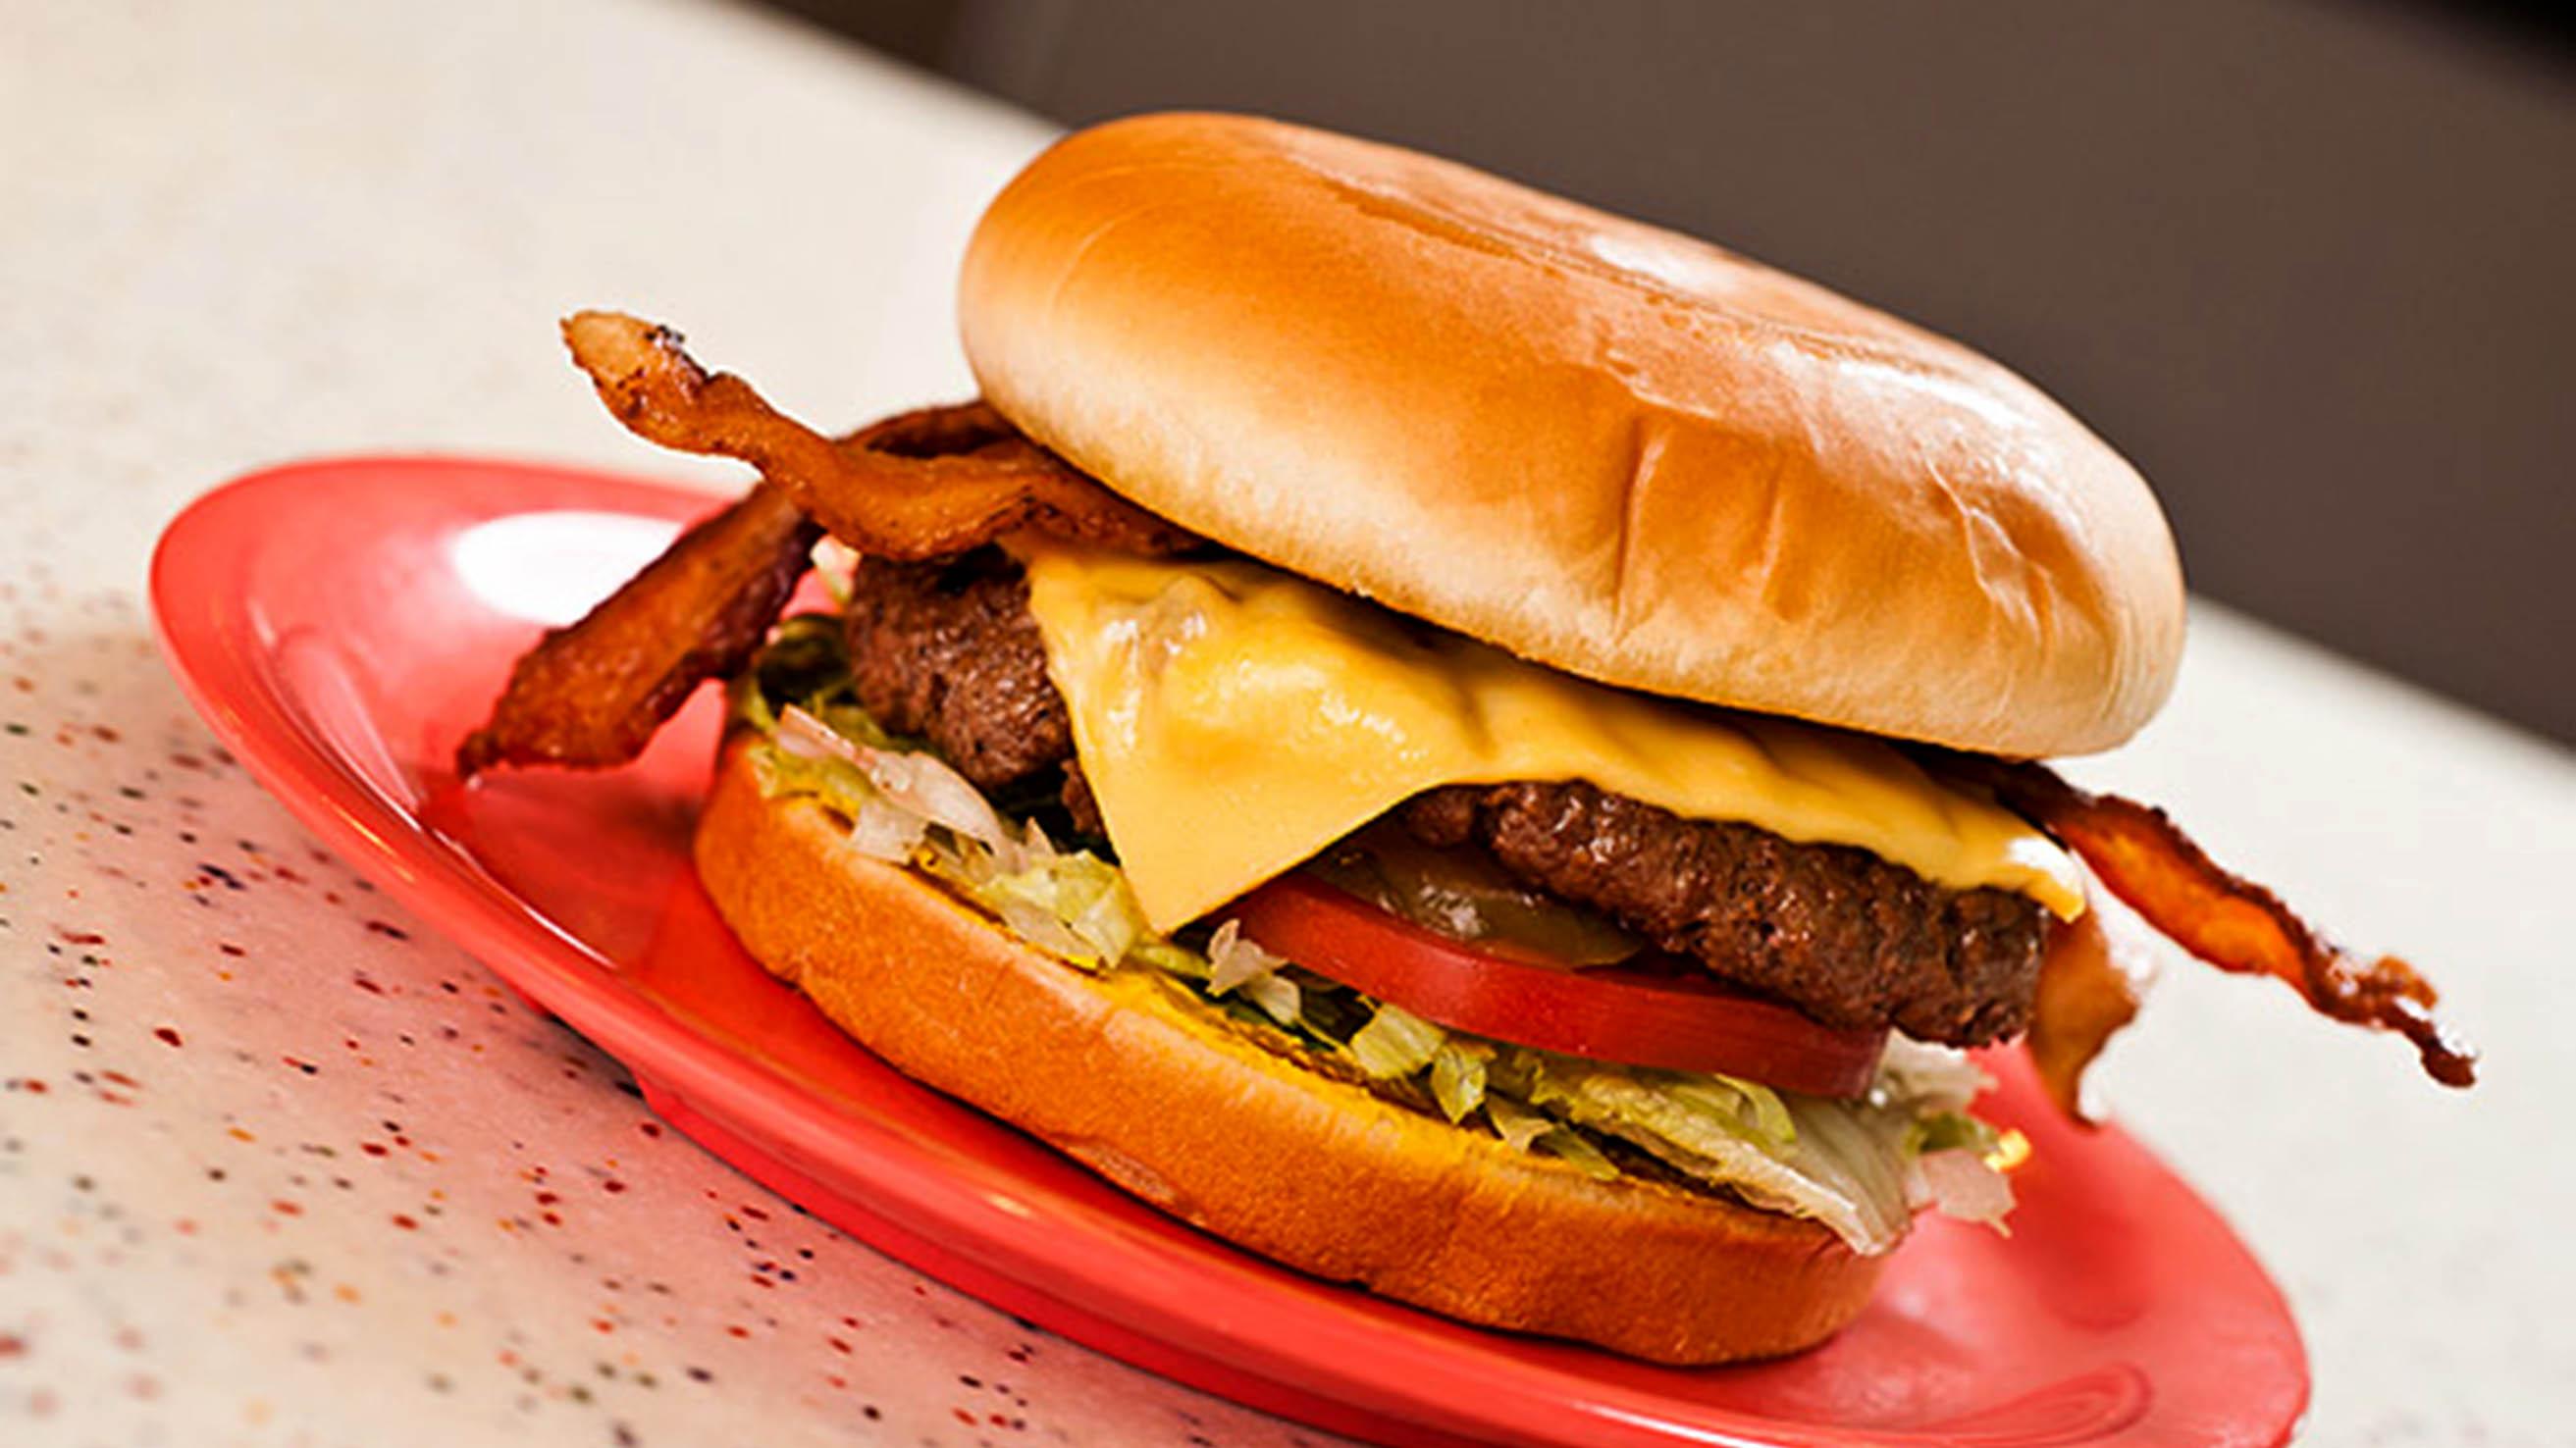 Image of Dan's Hamburgers